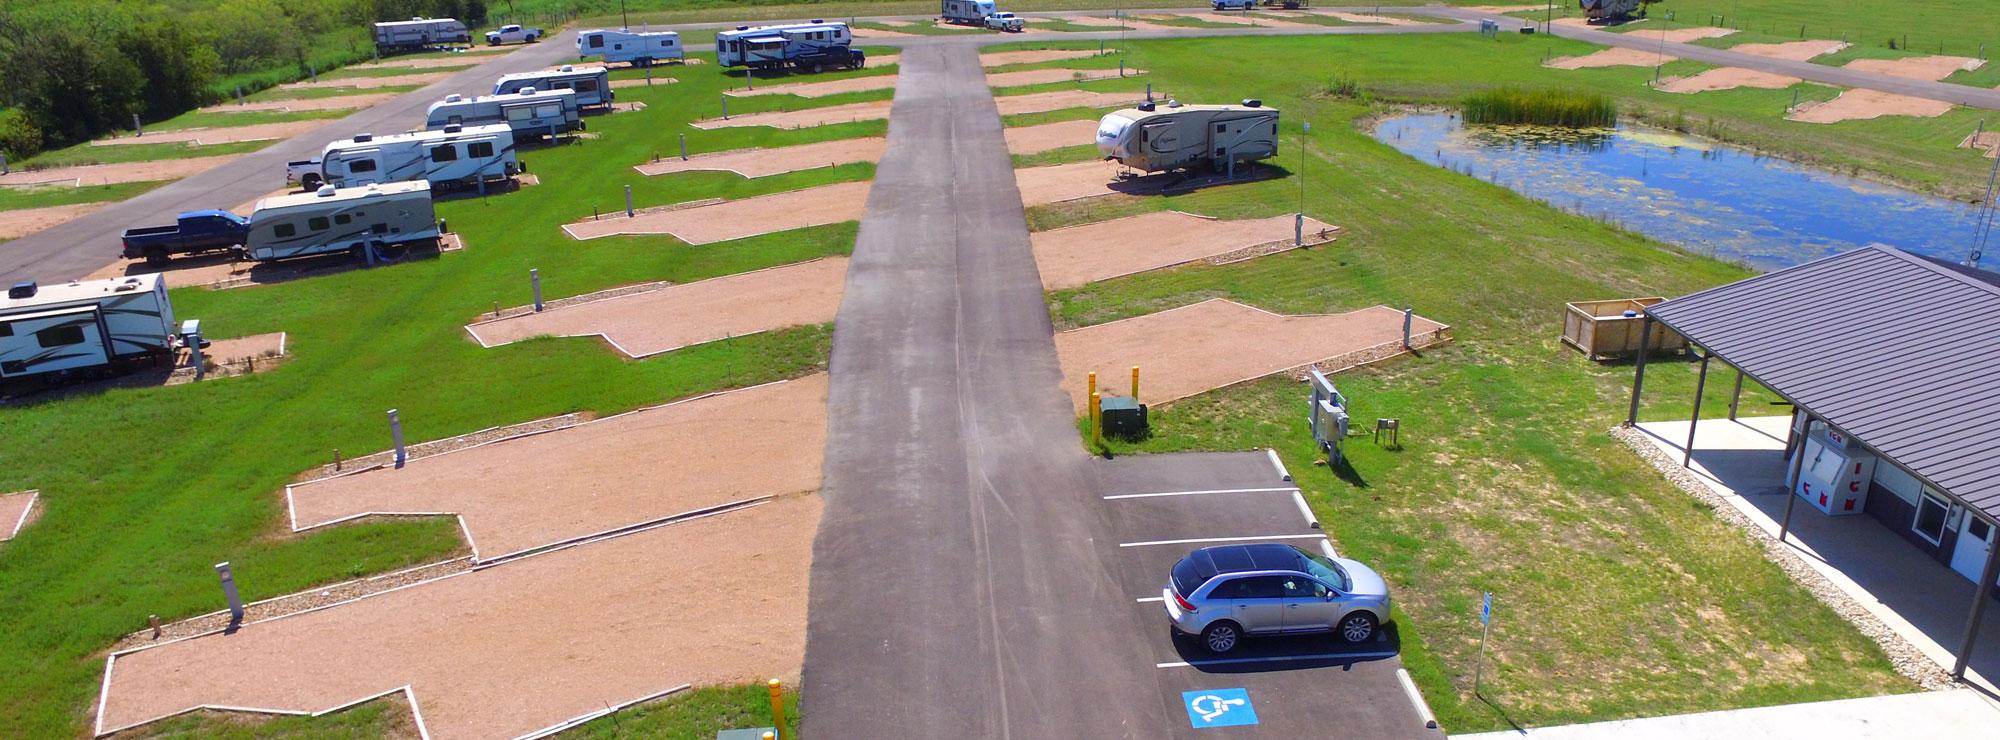 East Texas RV Park